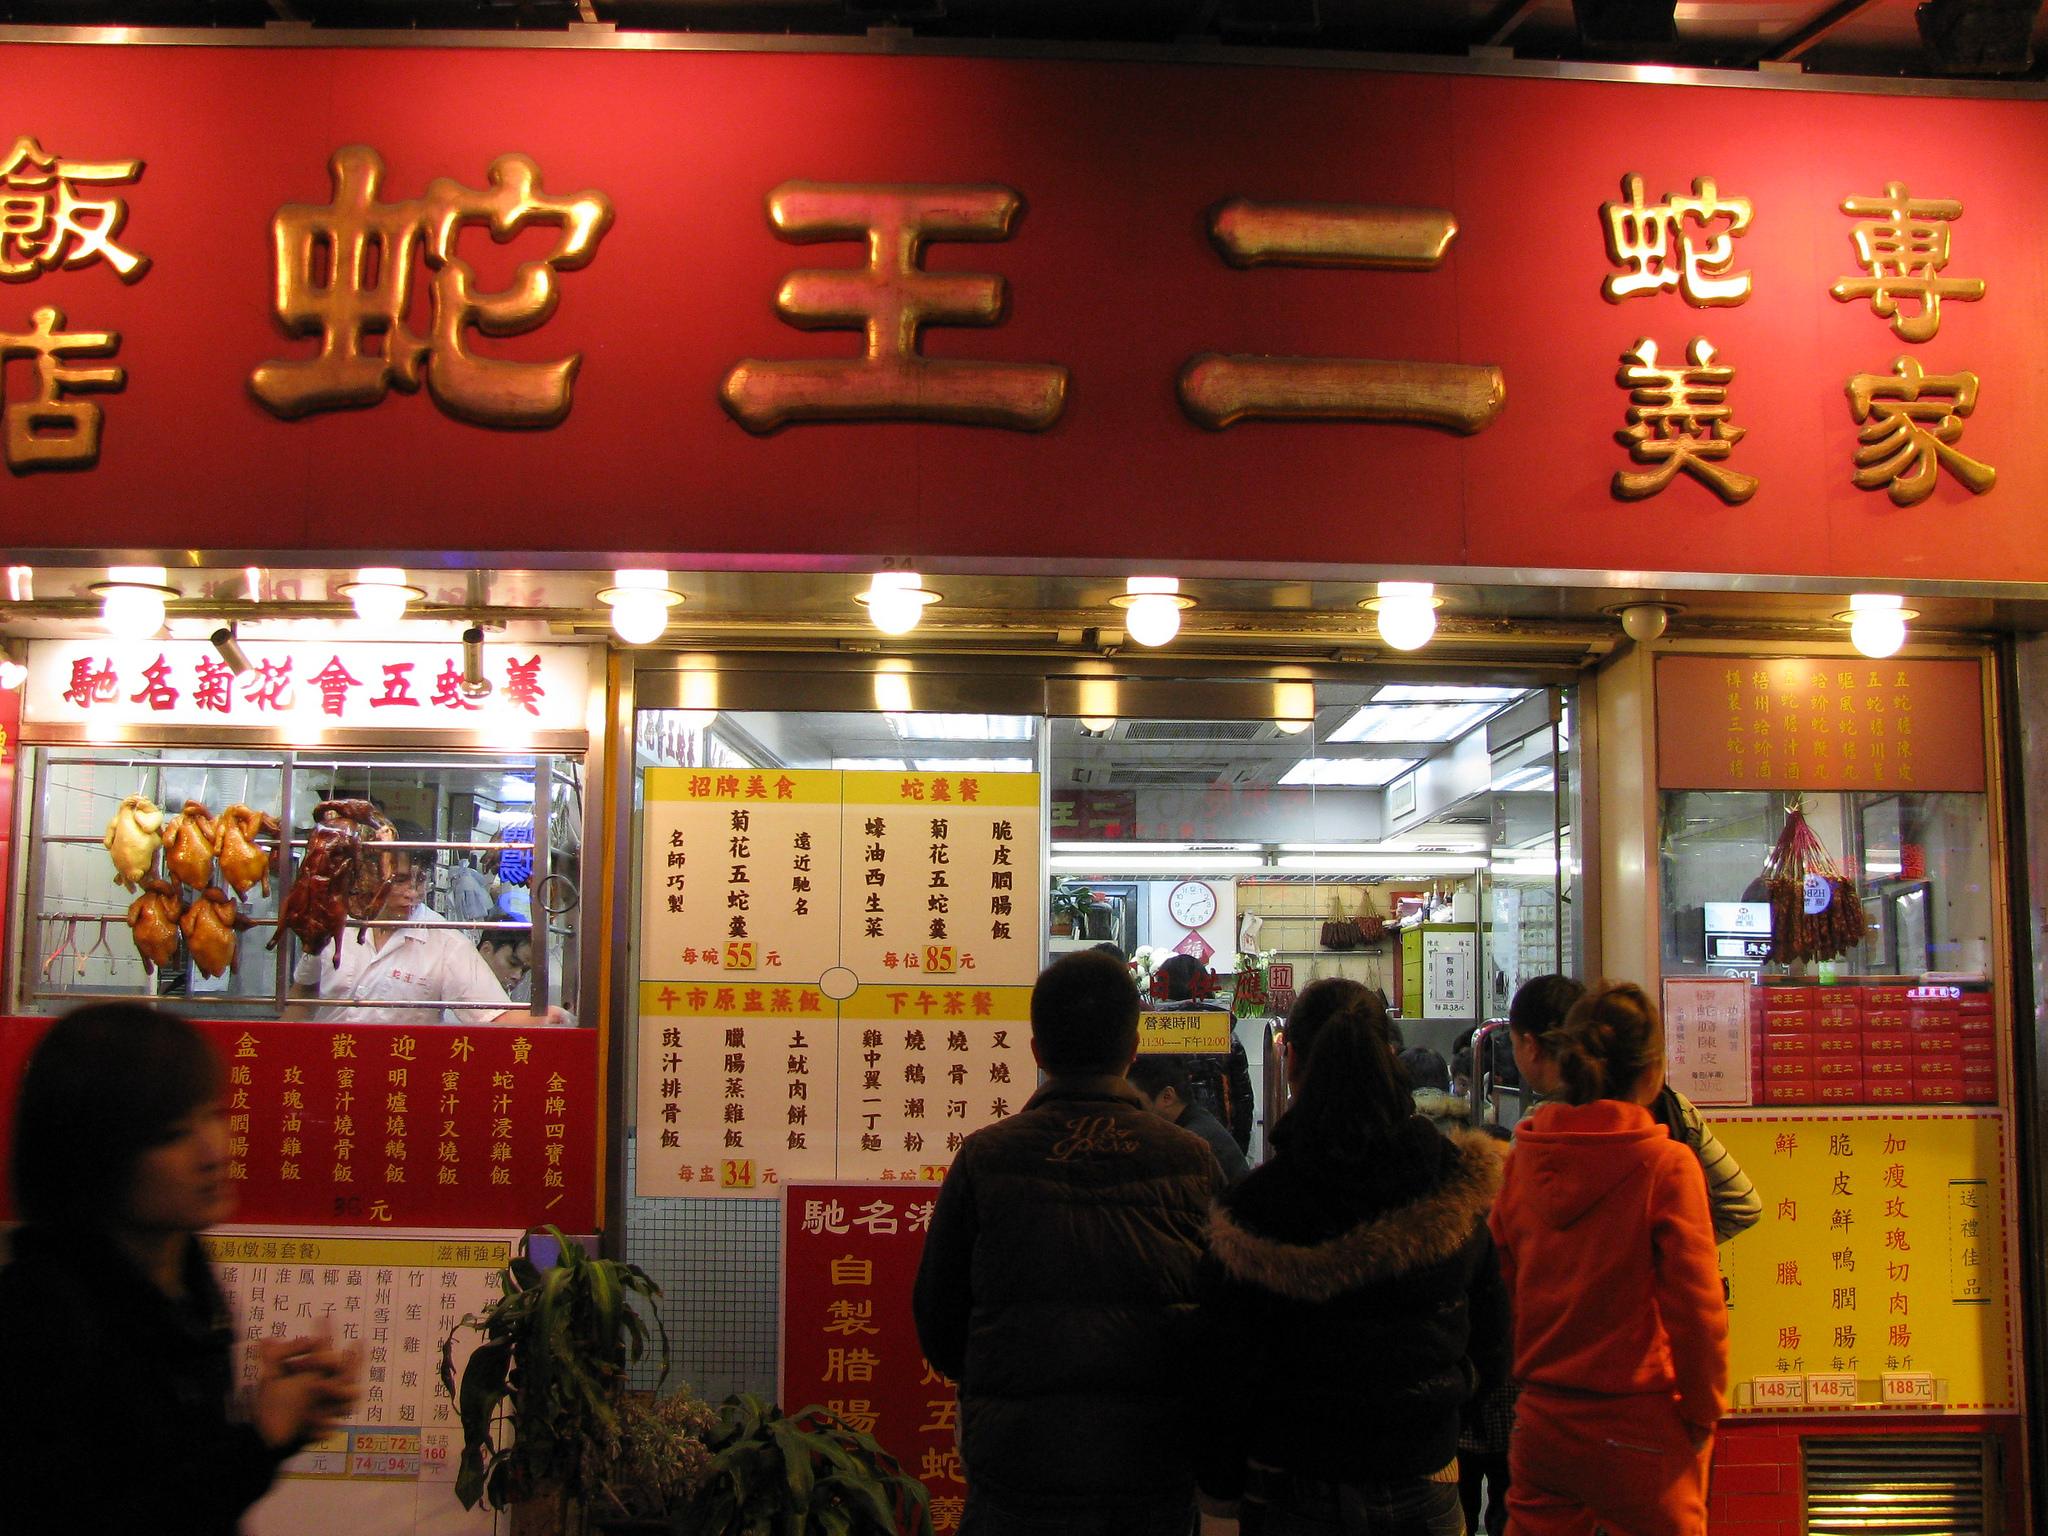 A se wong storefront | shankar s./Flickr